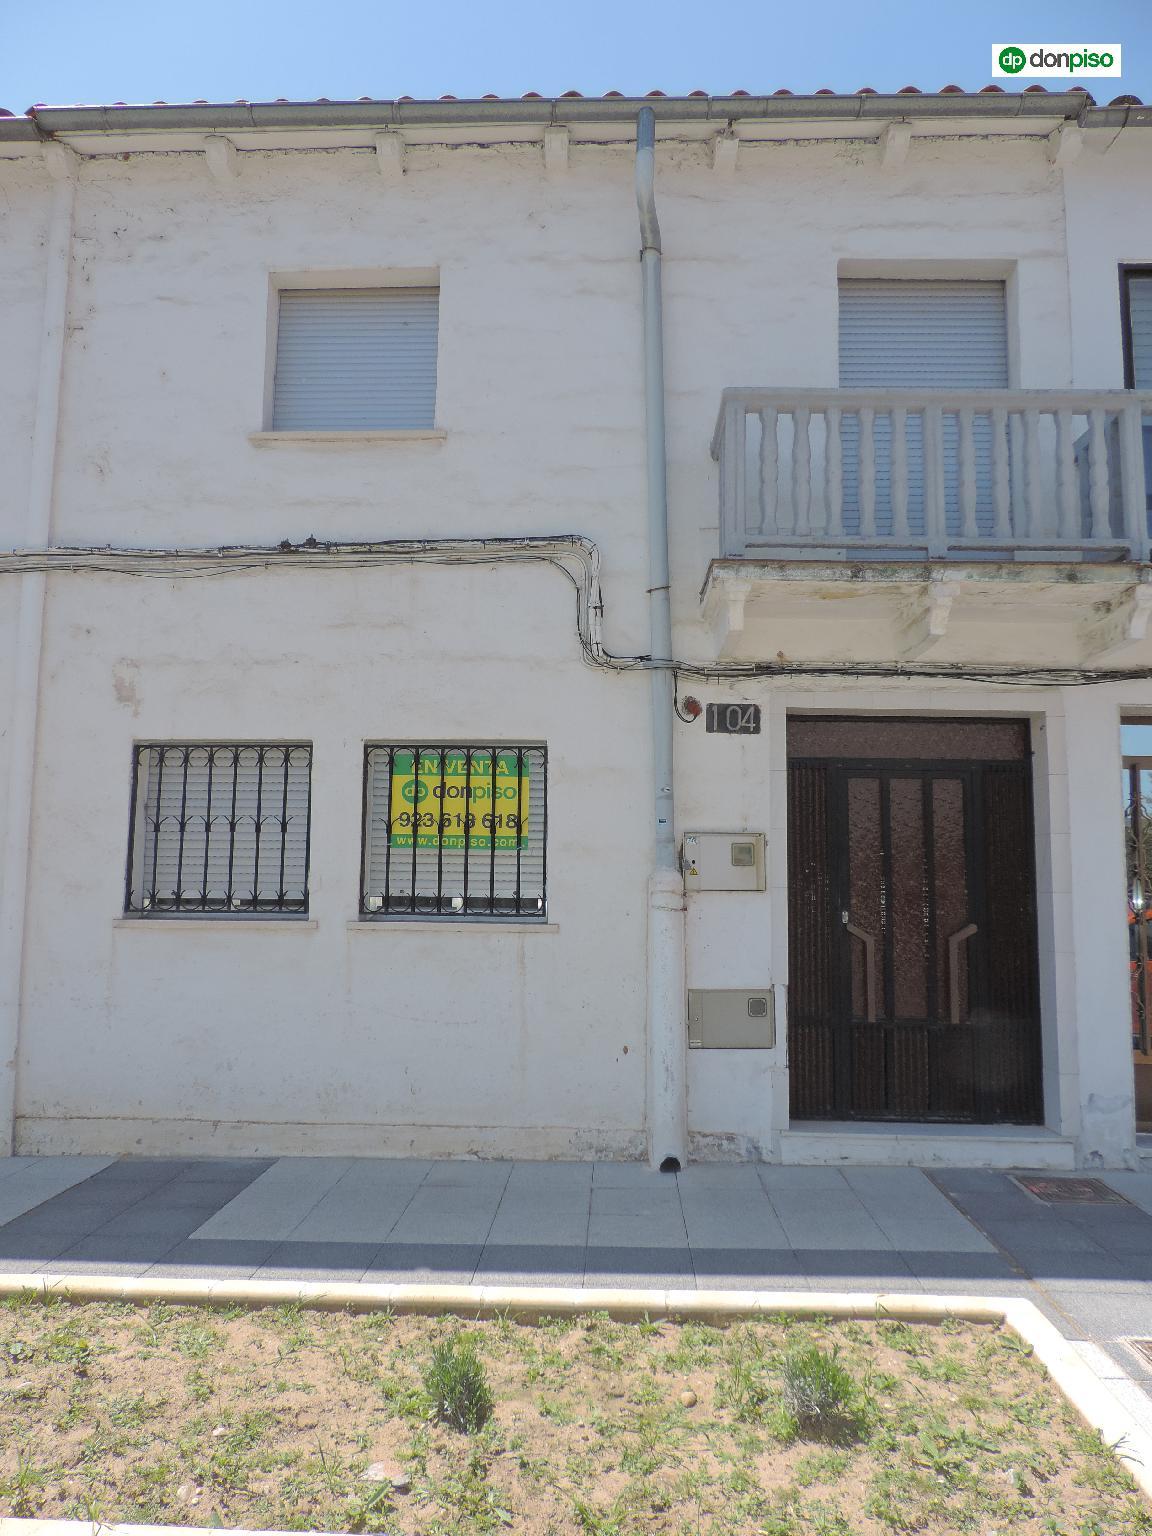 206300 - Barrio de La Vega